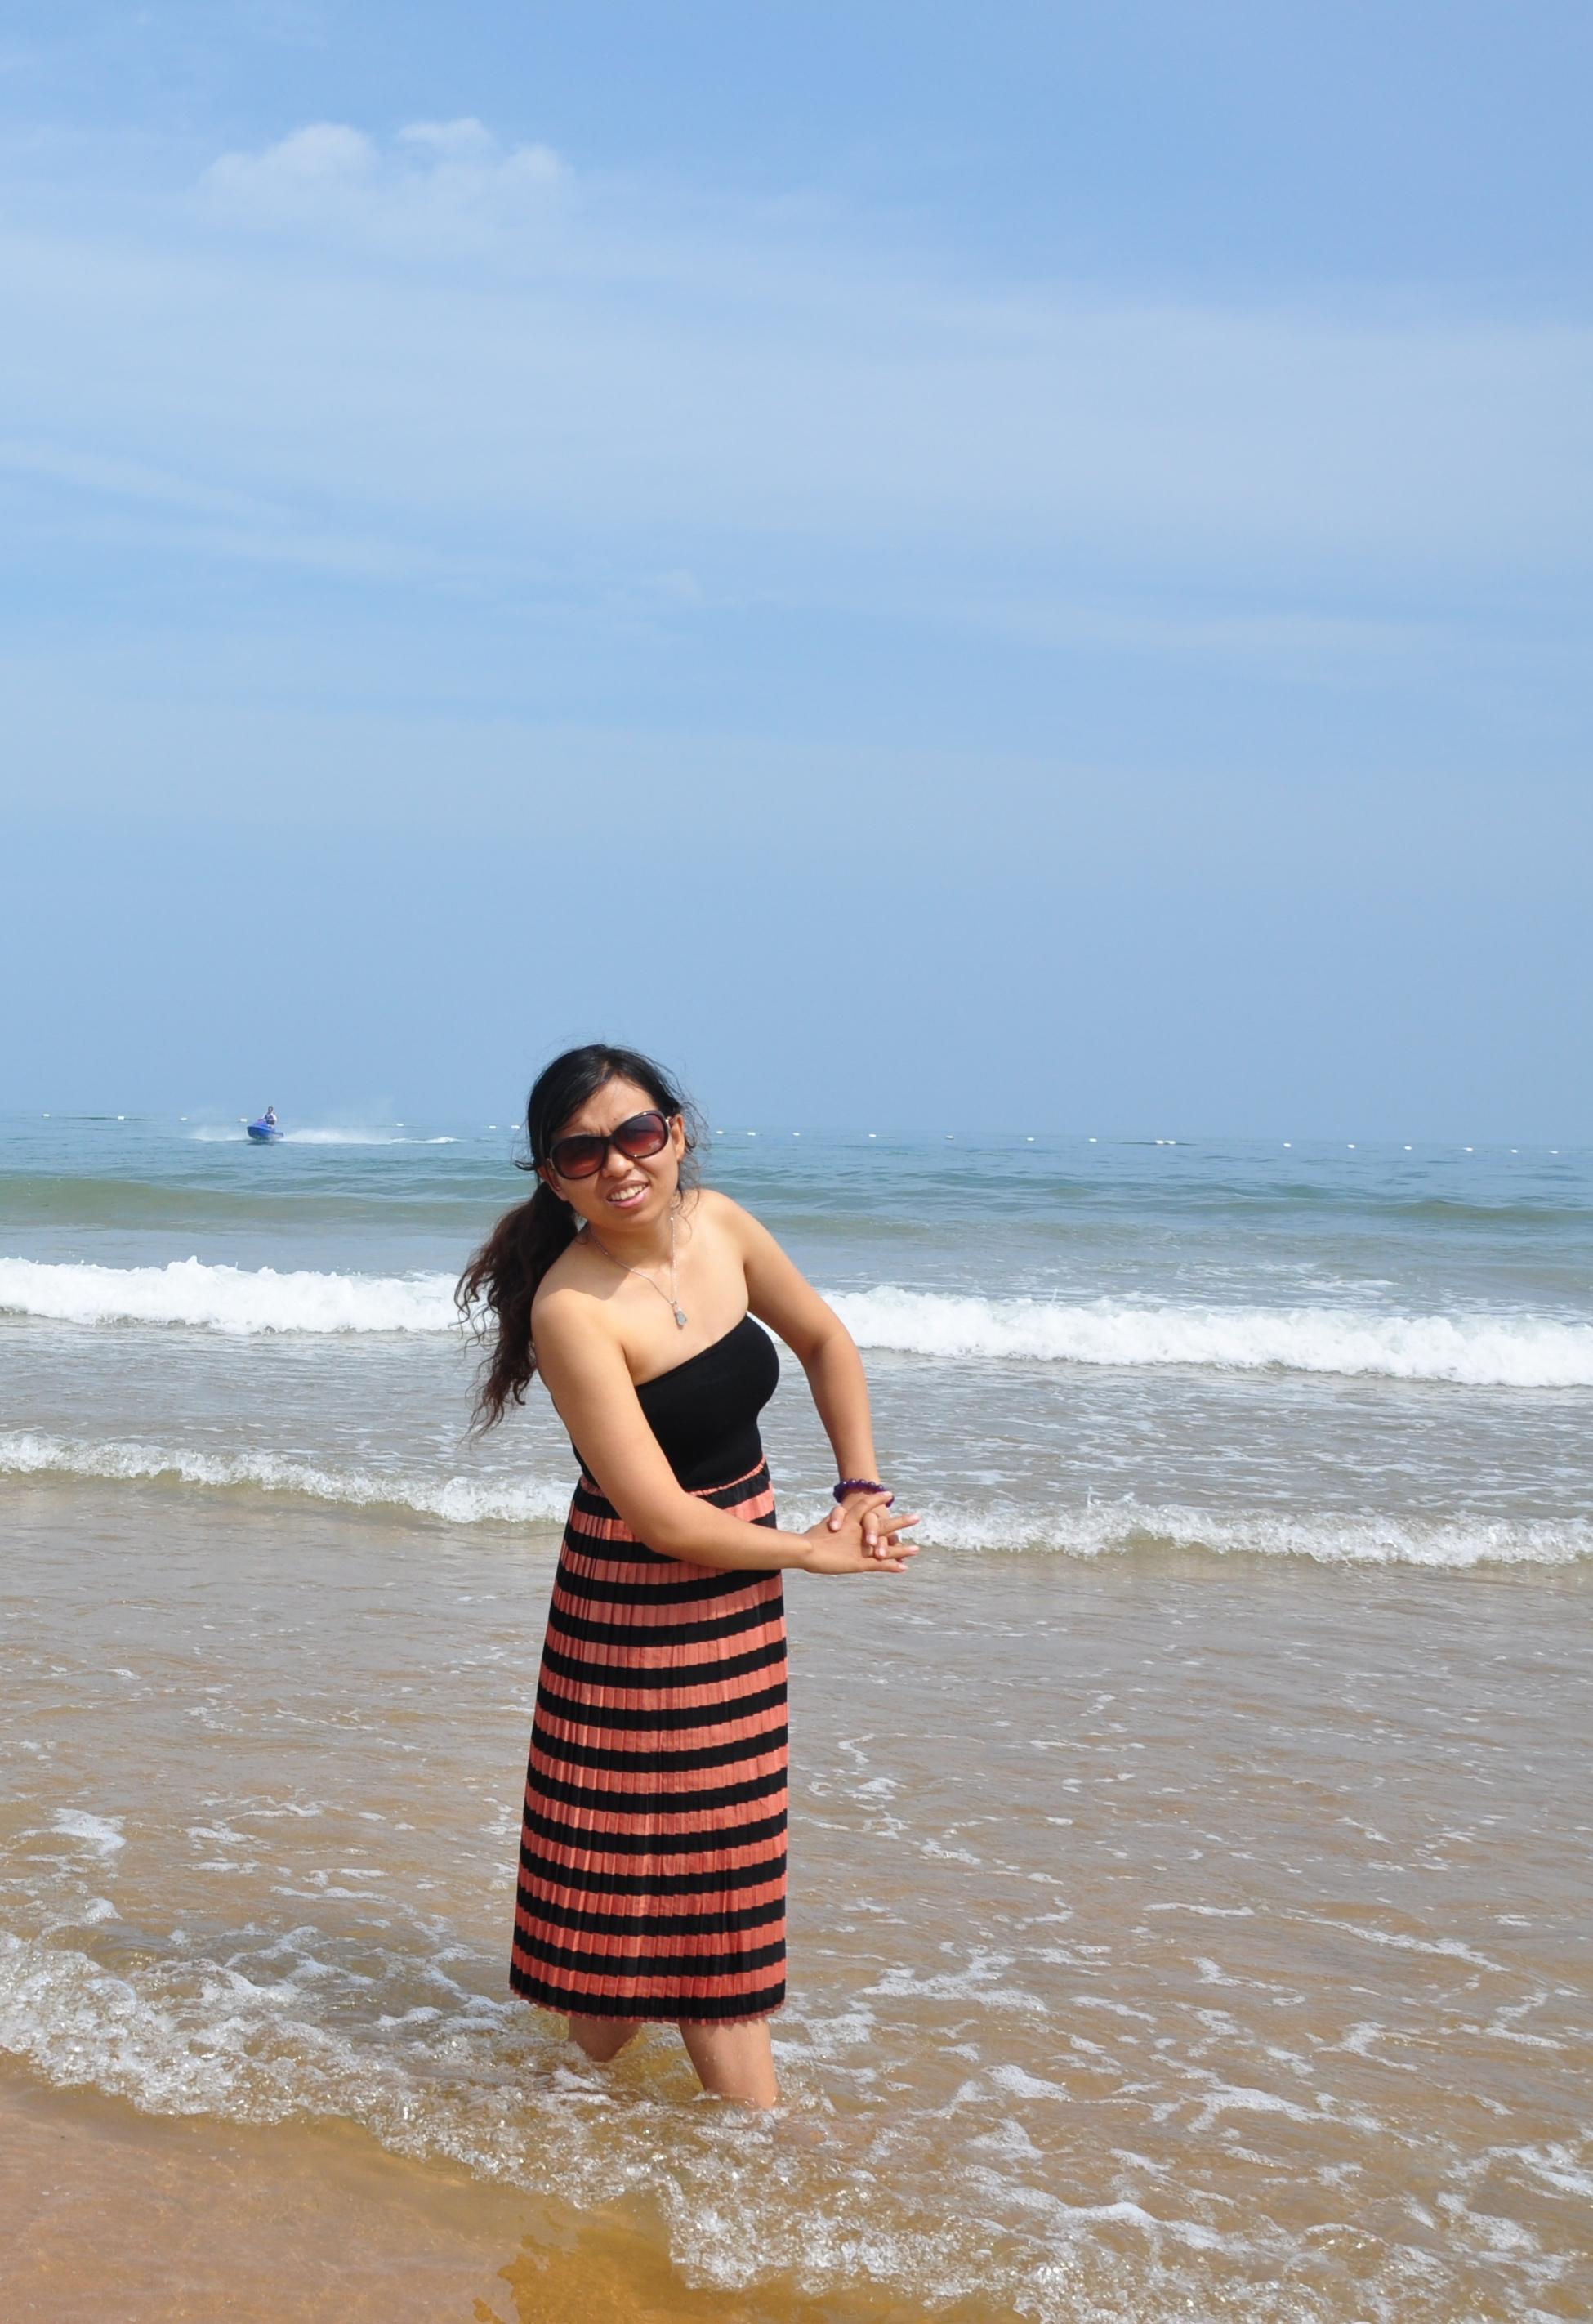 碧海蓝天金沙滩